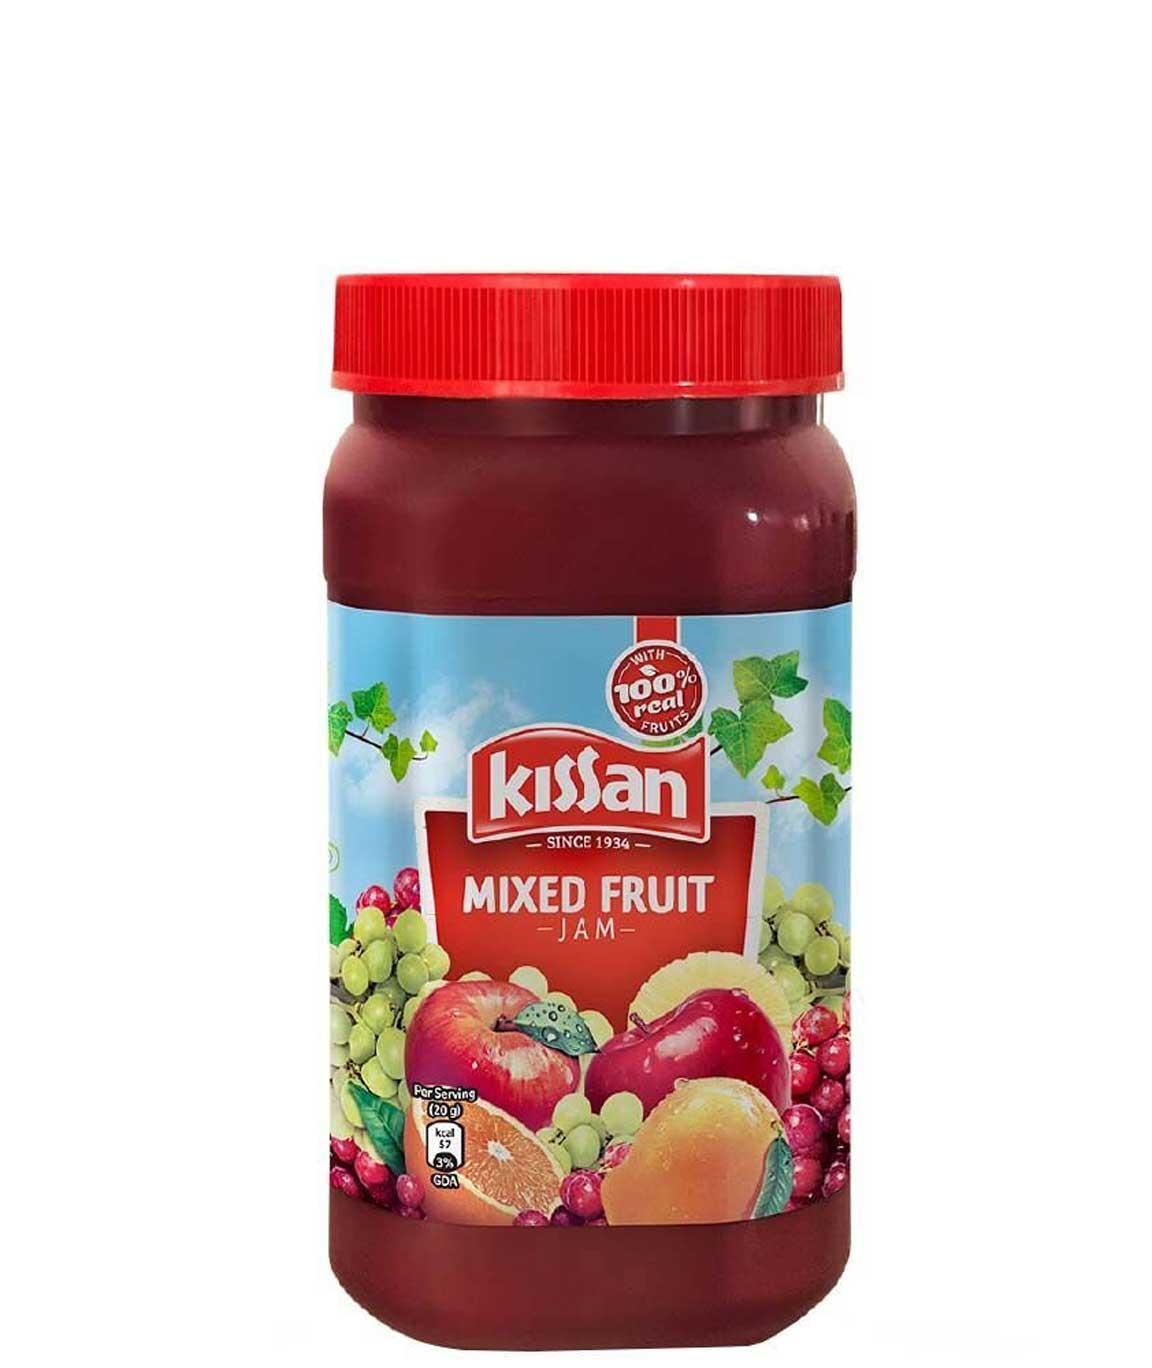 Kissan Mixed Fruit Jam, 1.04 kg